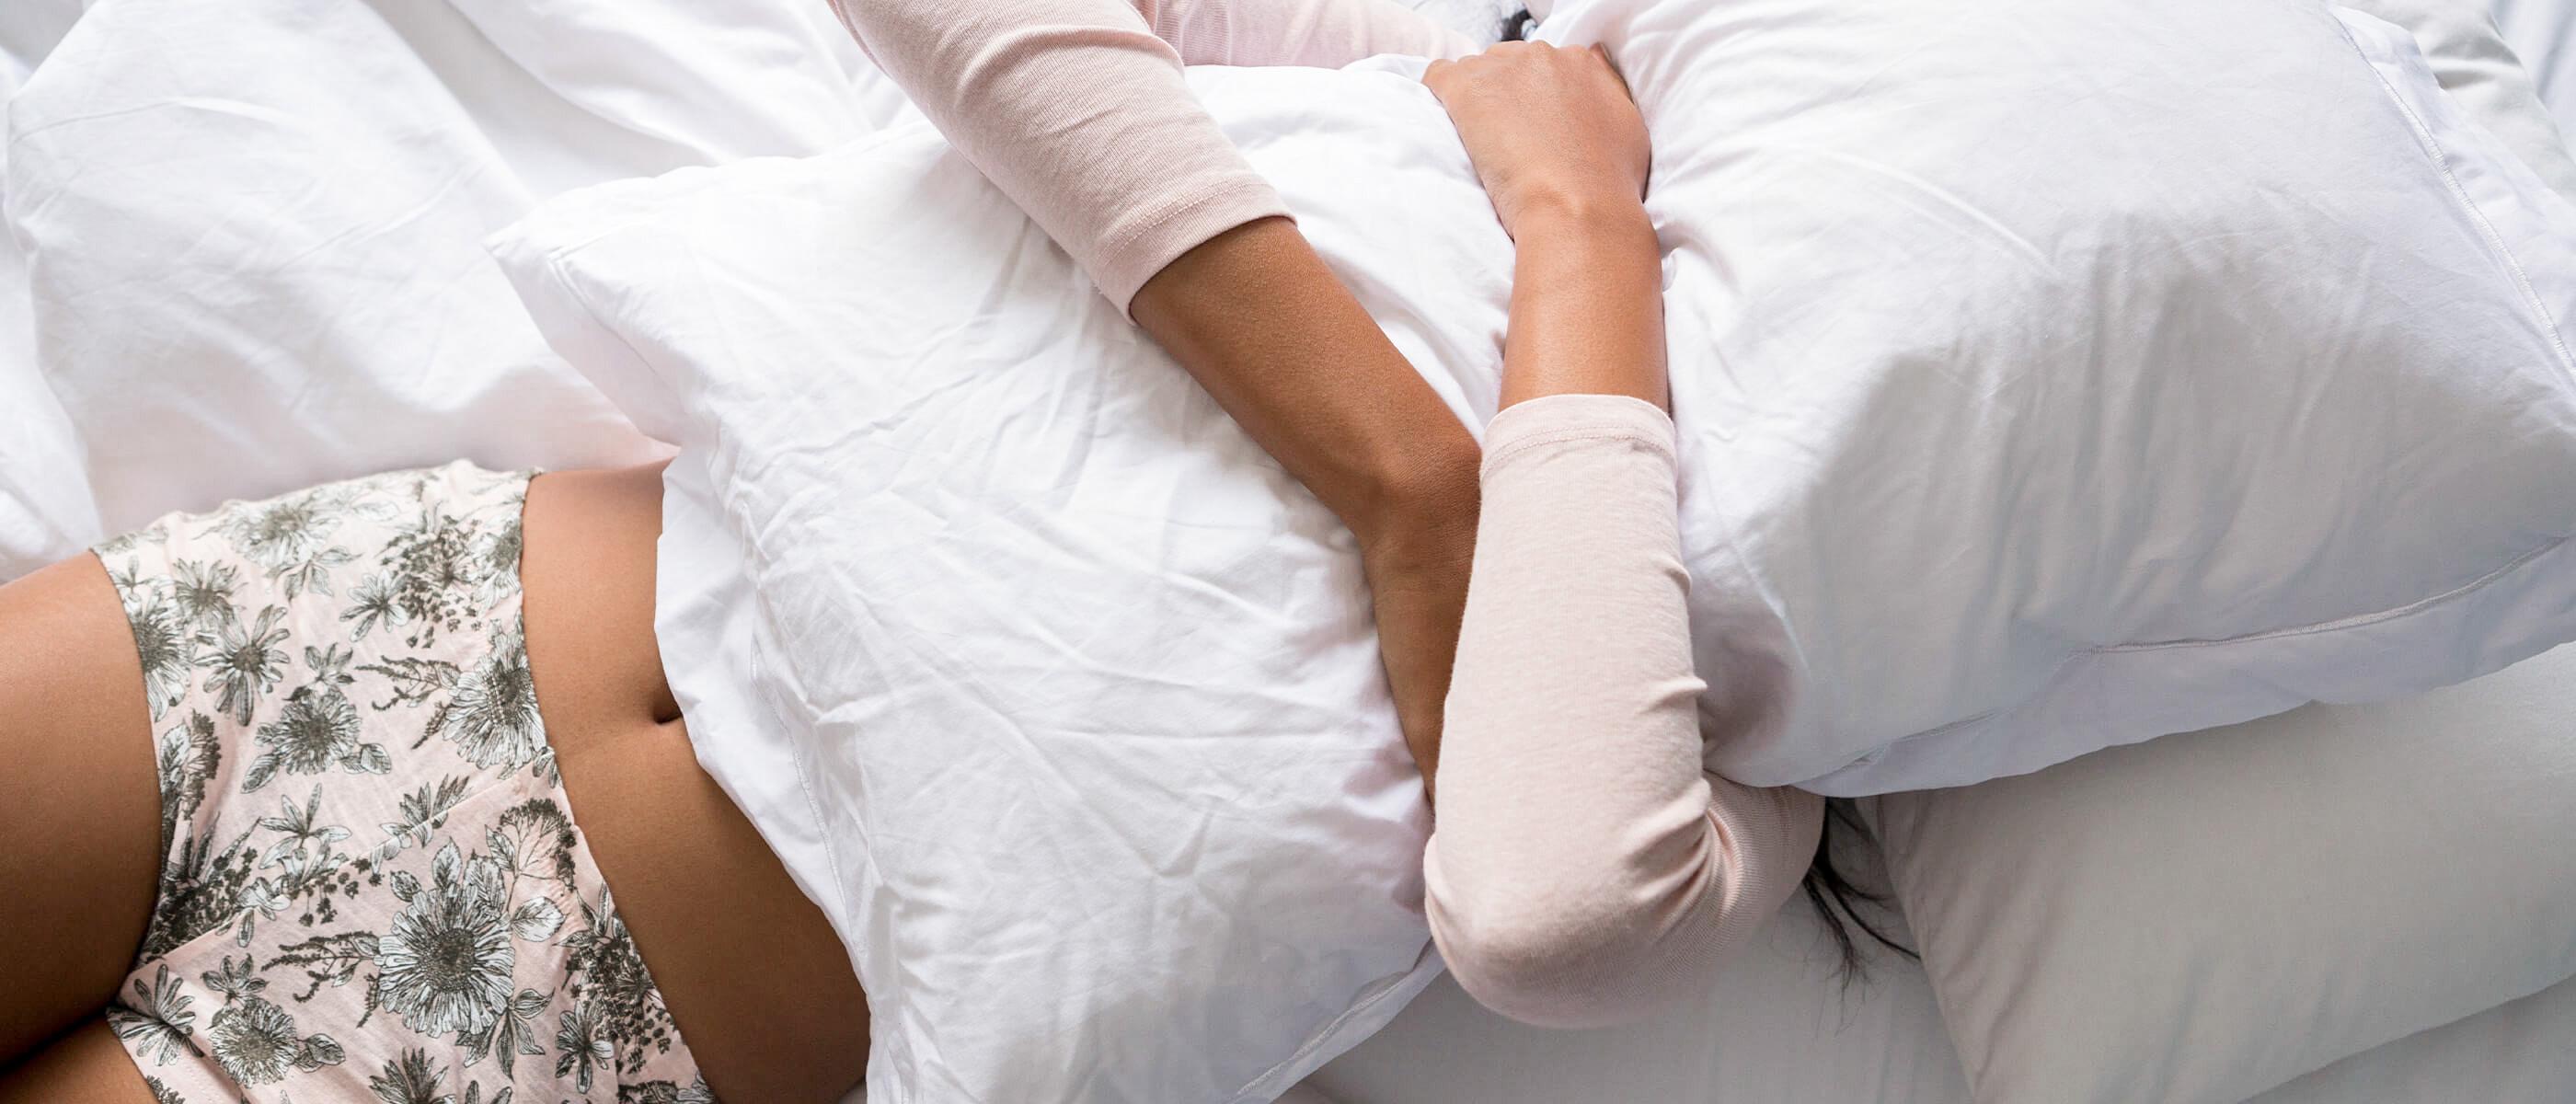 Sweet Dreams Ahead: 5 Ways To Hack Your Sleep